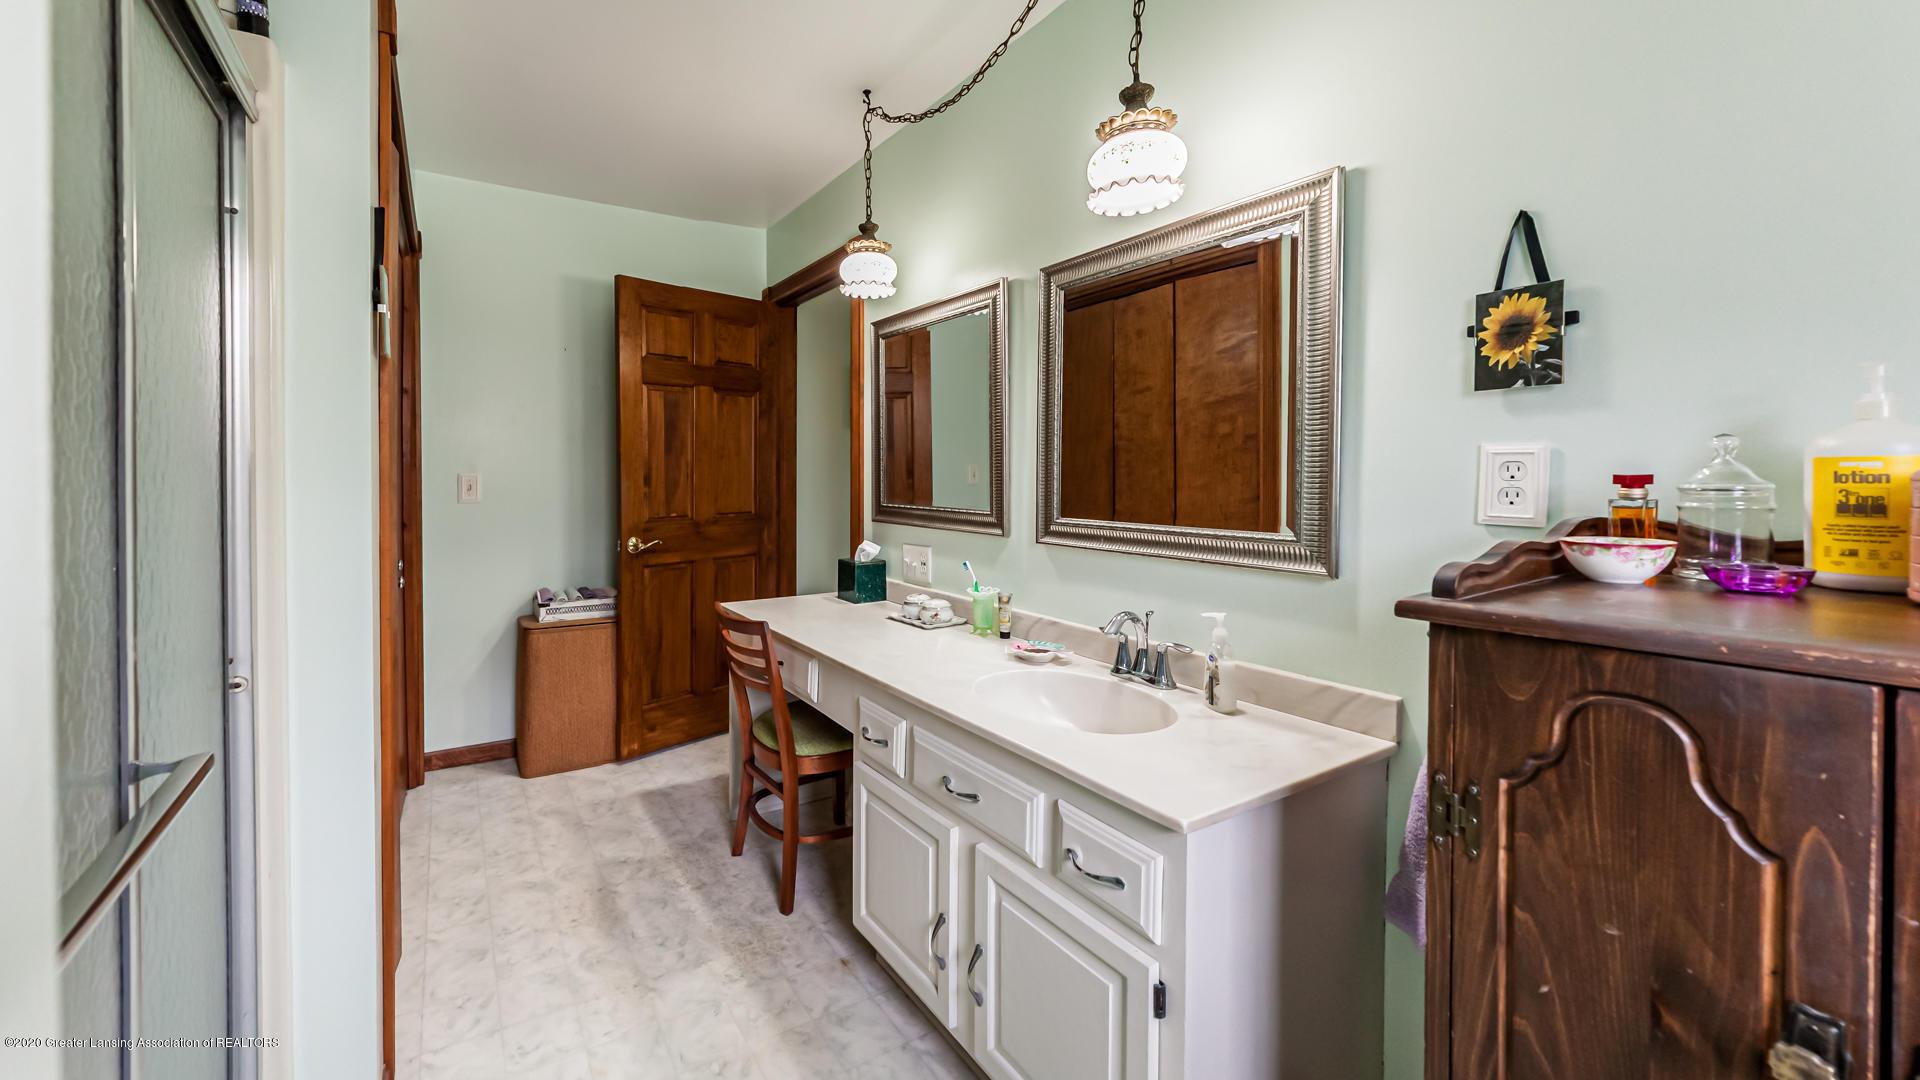 815 W Jefferson St - Bathroom - 18